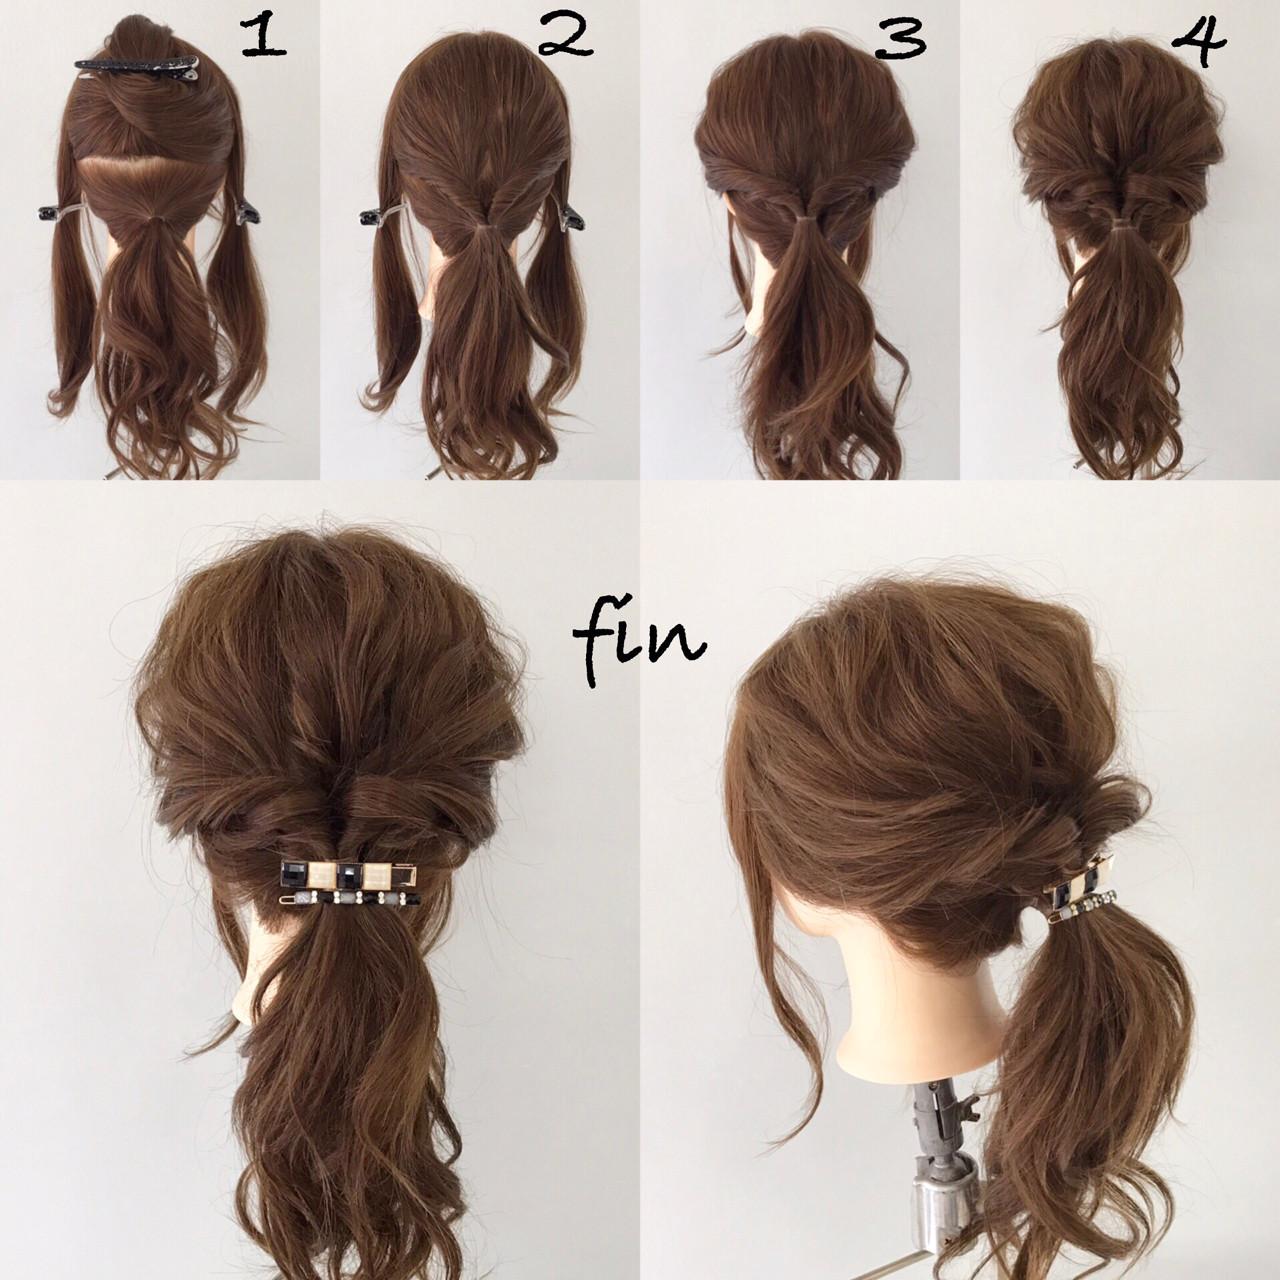 ヘアアレンジ ポニーテール ロング 簡単ヘアアレンジヘアスタイルや髪型の写真・画像